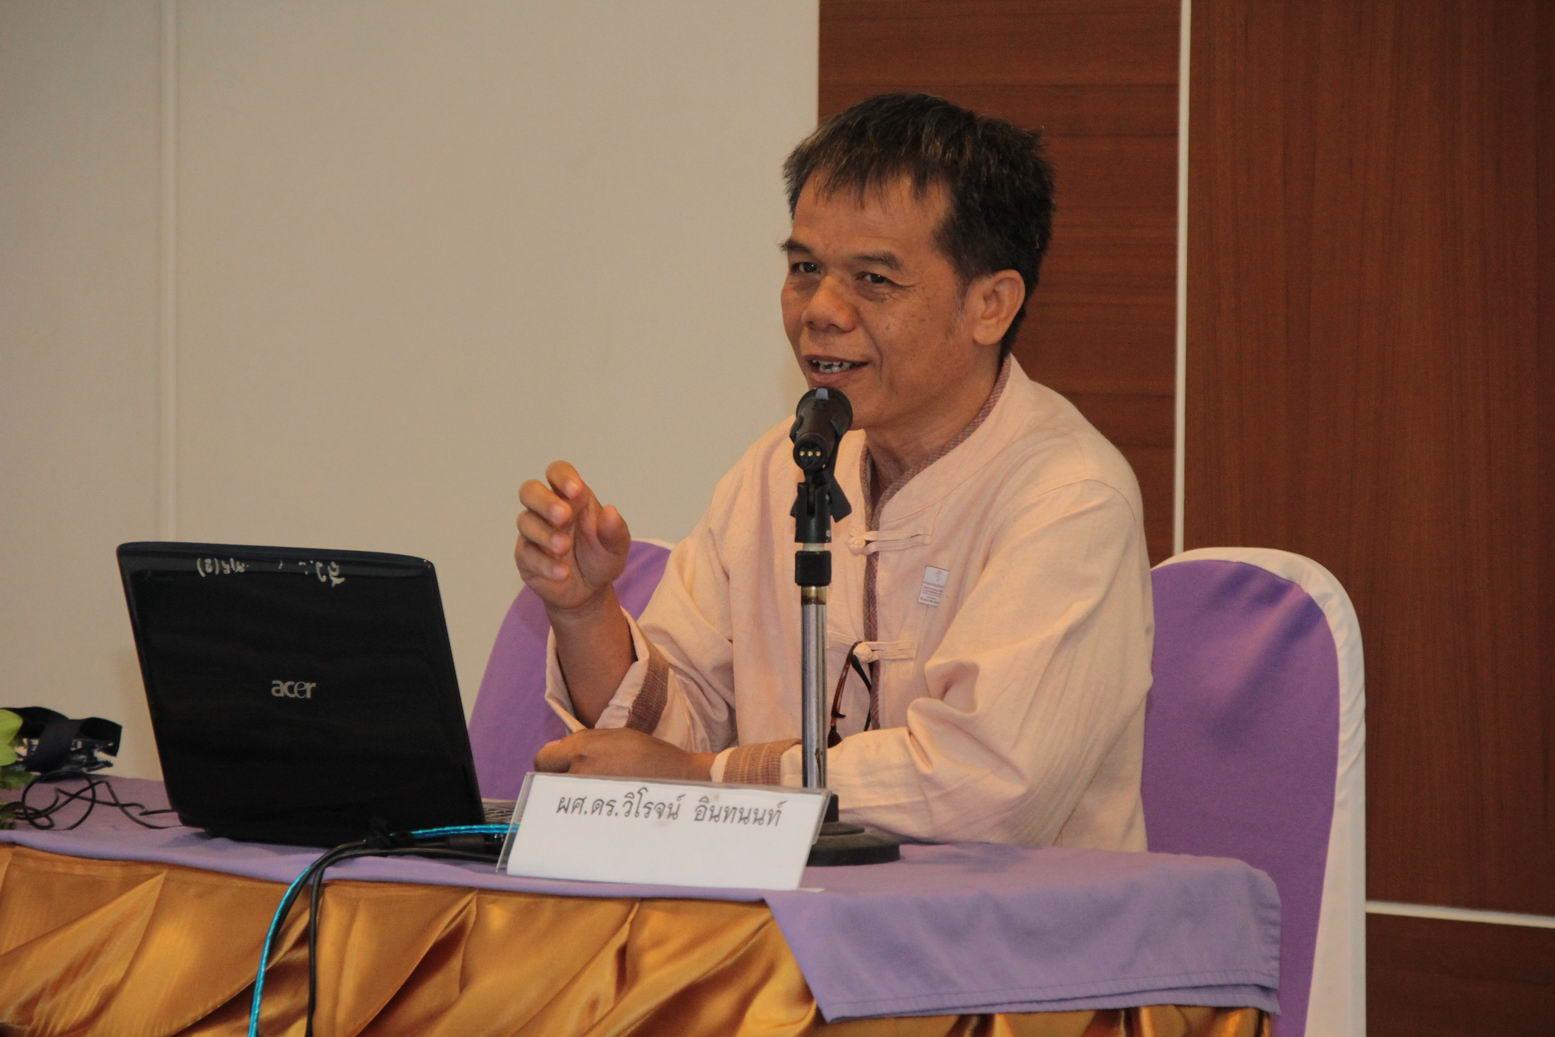 การประชุมวิชาการด้านล้านนาคดีศึกษา มหาวิทยาลัยเชียงใหม่ ครั้งที่ 2 ประจำปี 2559